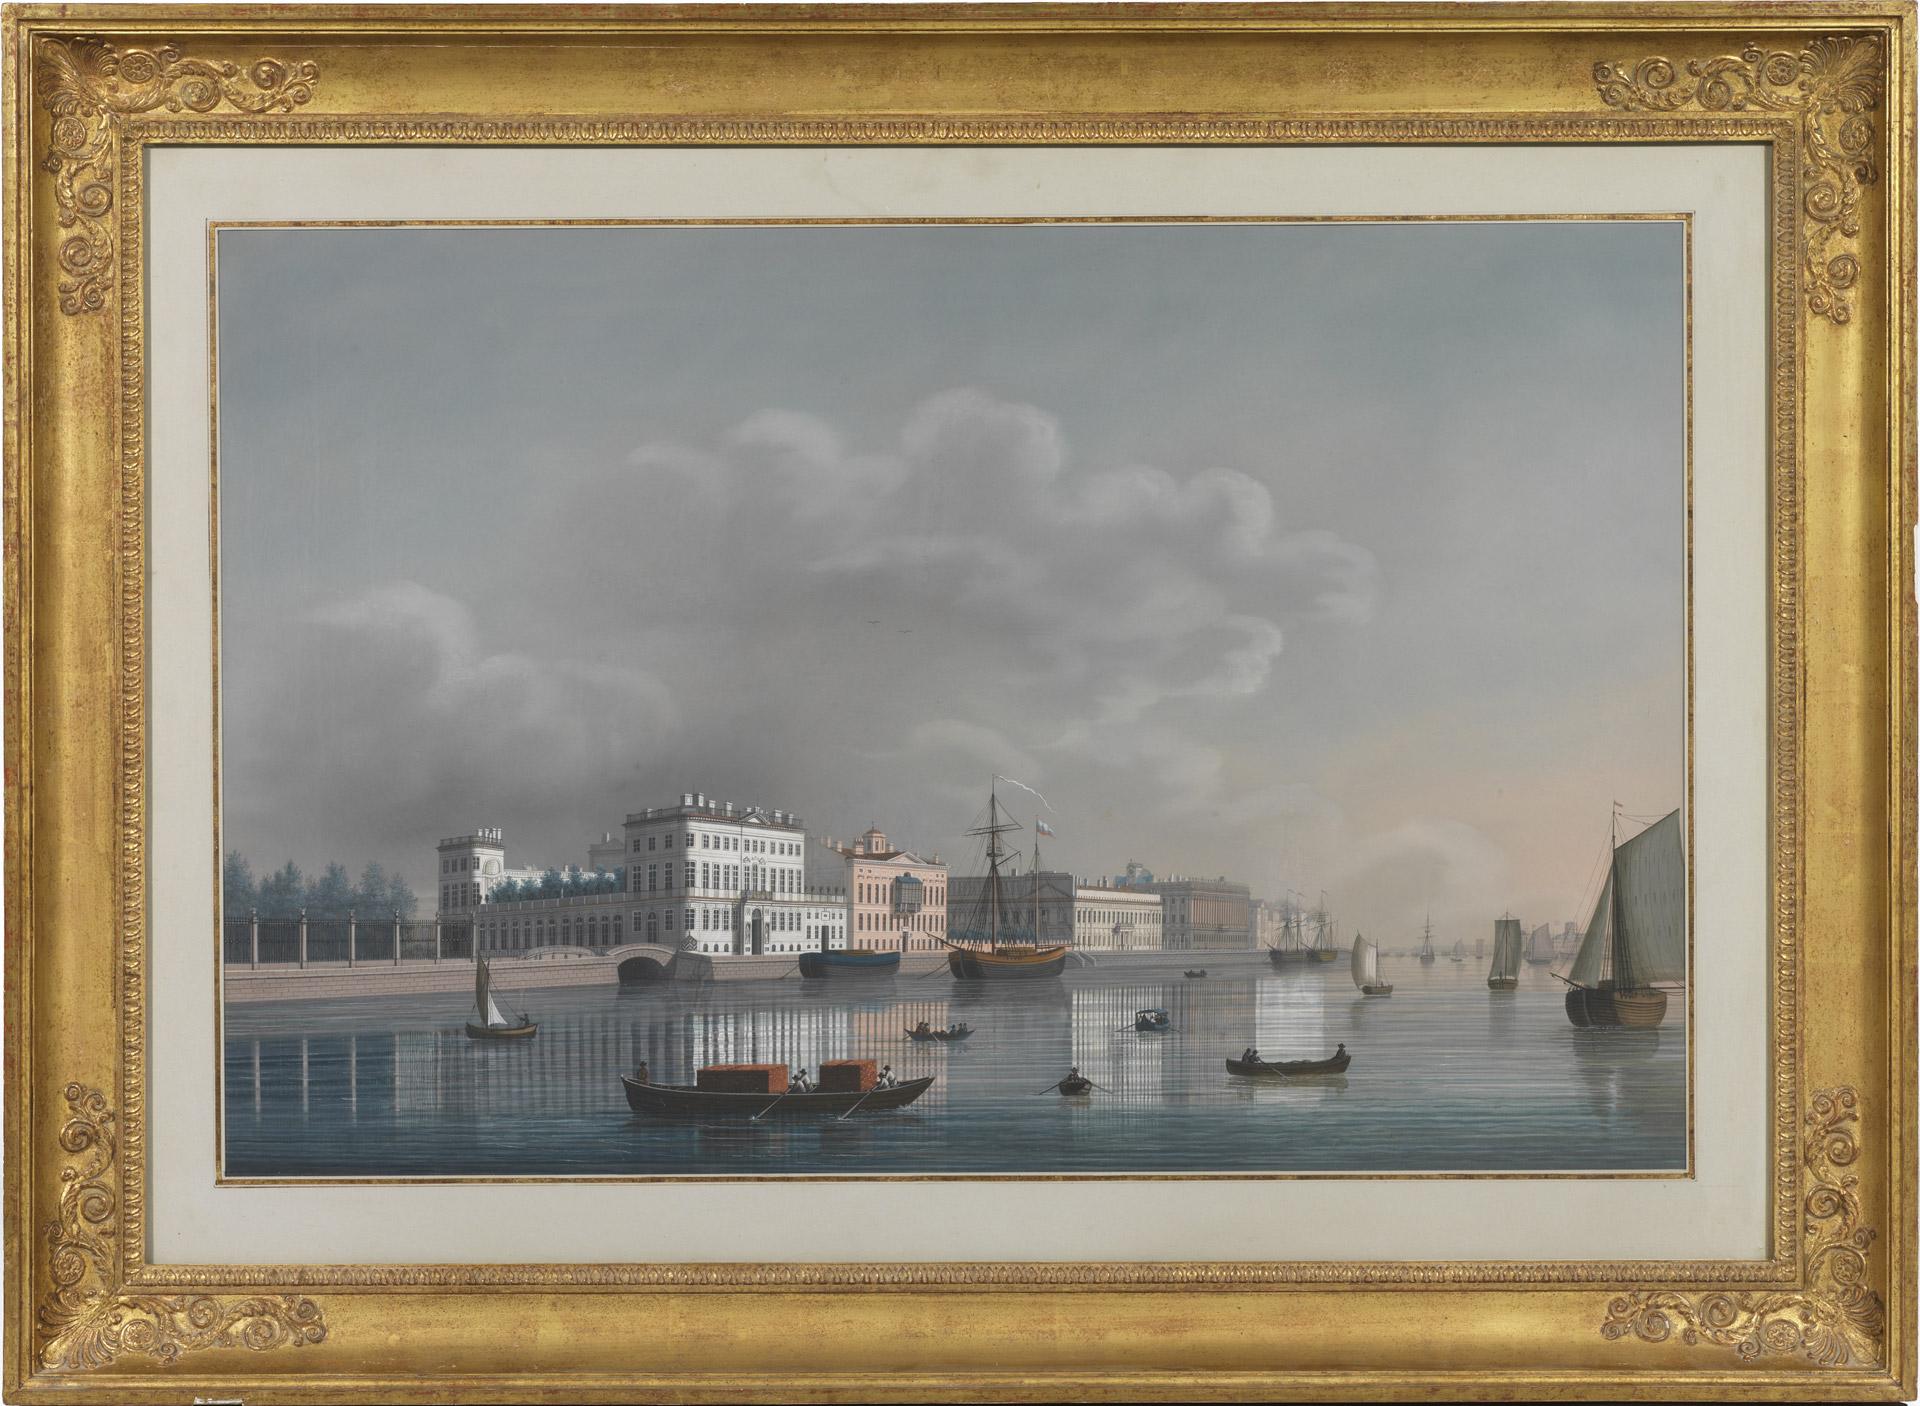 Vue du Palais d'Hiver à St-Pétersbourg - Patrimoine Charles-André COLONNA WALEWSKI, en ligne directe de Napoléon